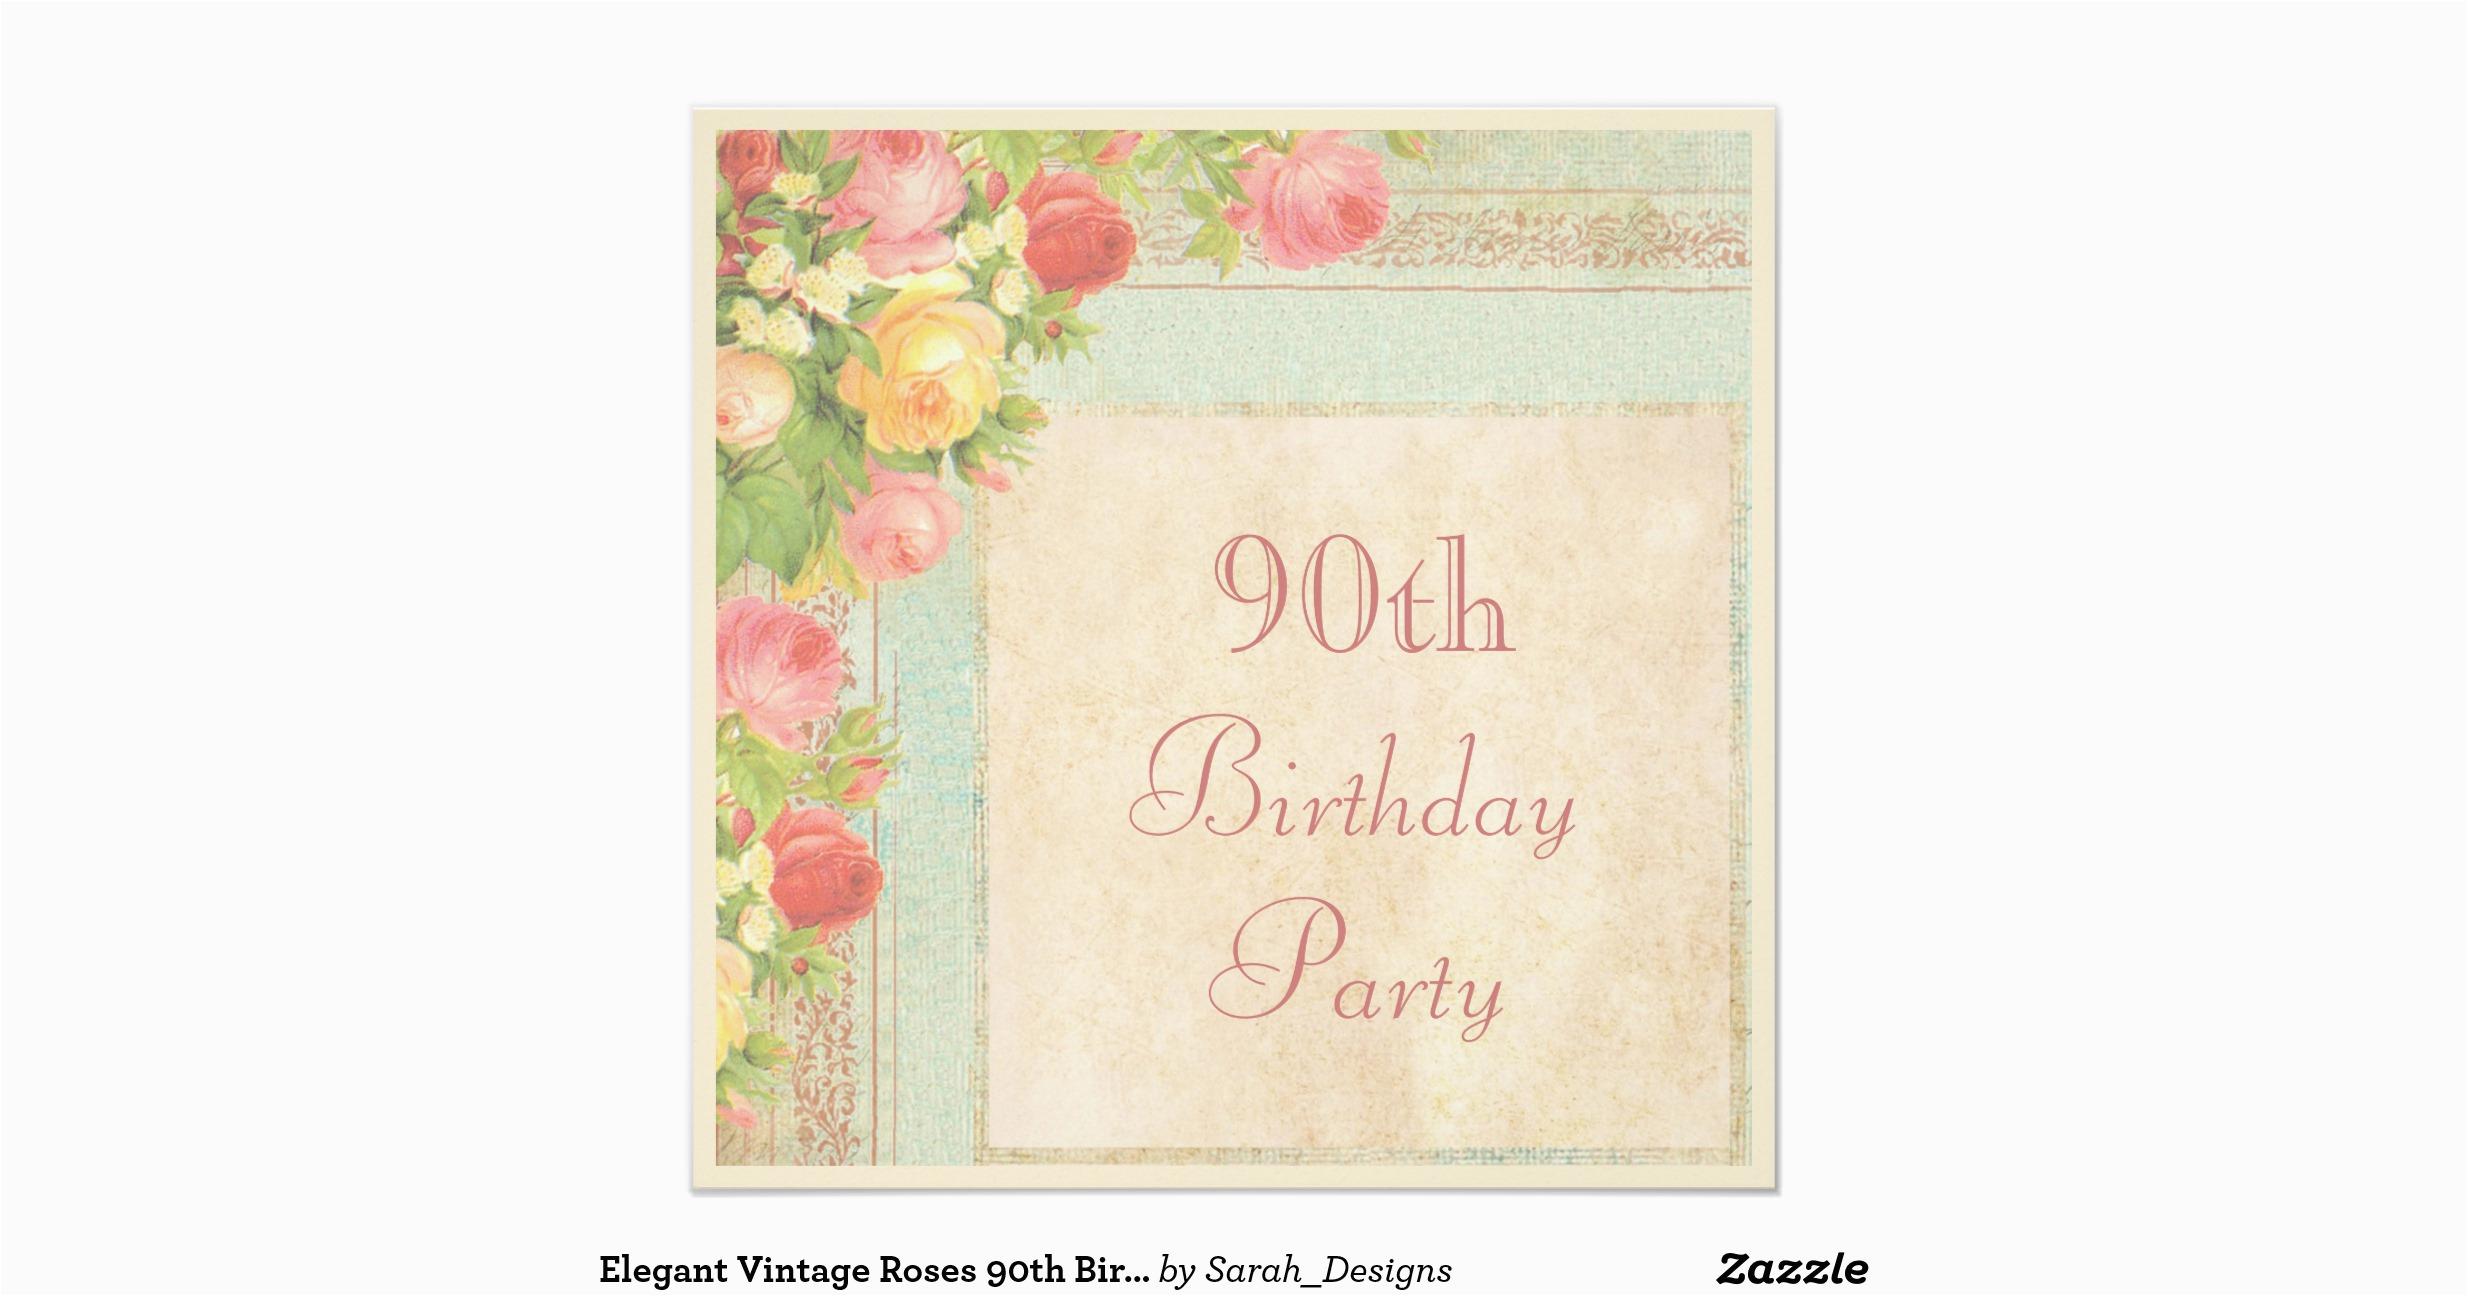 elegant vintage roses 90th birthday party invitation 161516800586659899